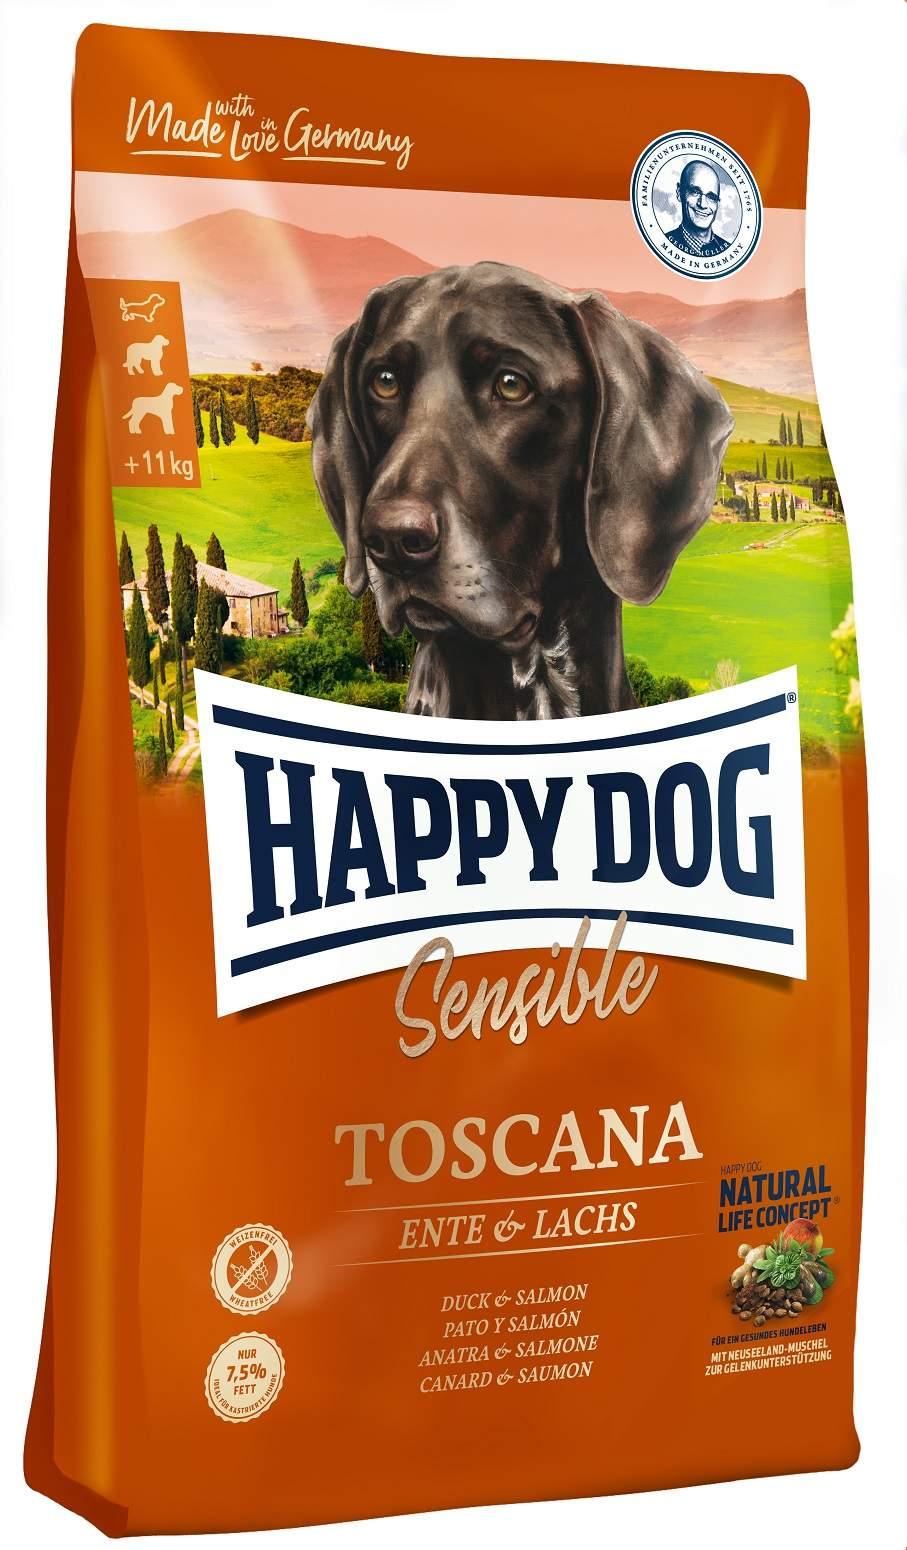 Миниатюра Сухой корм для собак Happy Dog Supreme Sensible Toscana, утка, лосось, 12,5кг №1